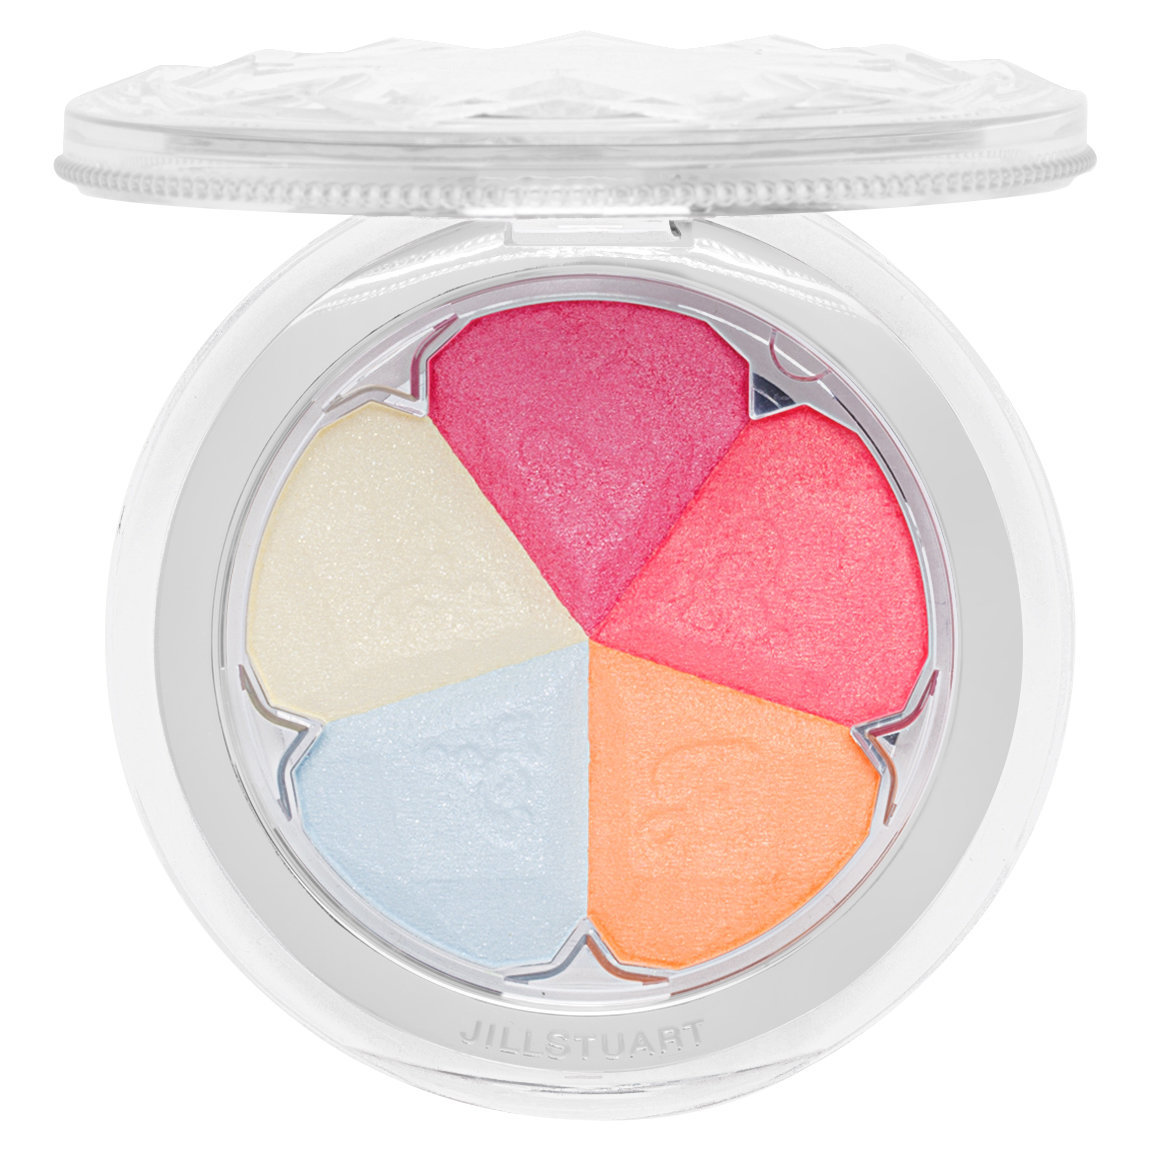 JILL STUART Beauty Bloom Mix Blush Compact 06 product swatch.